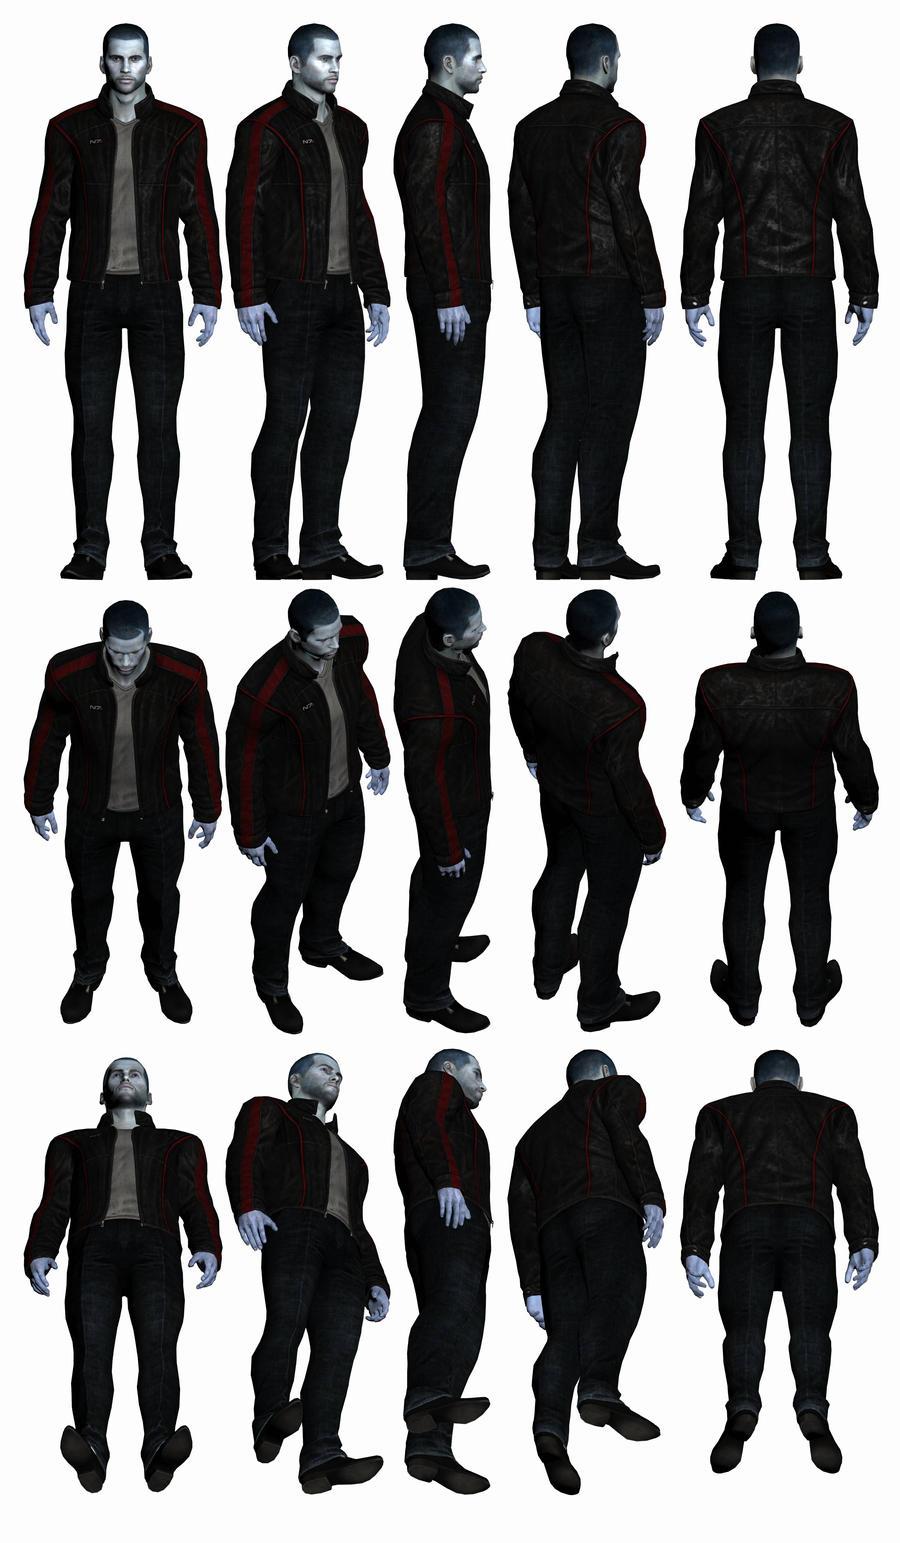 Mass Effect 3, Male Shepard - Casual N7 Jacket. by Troodon80